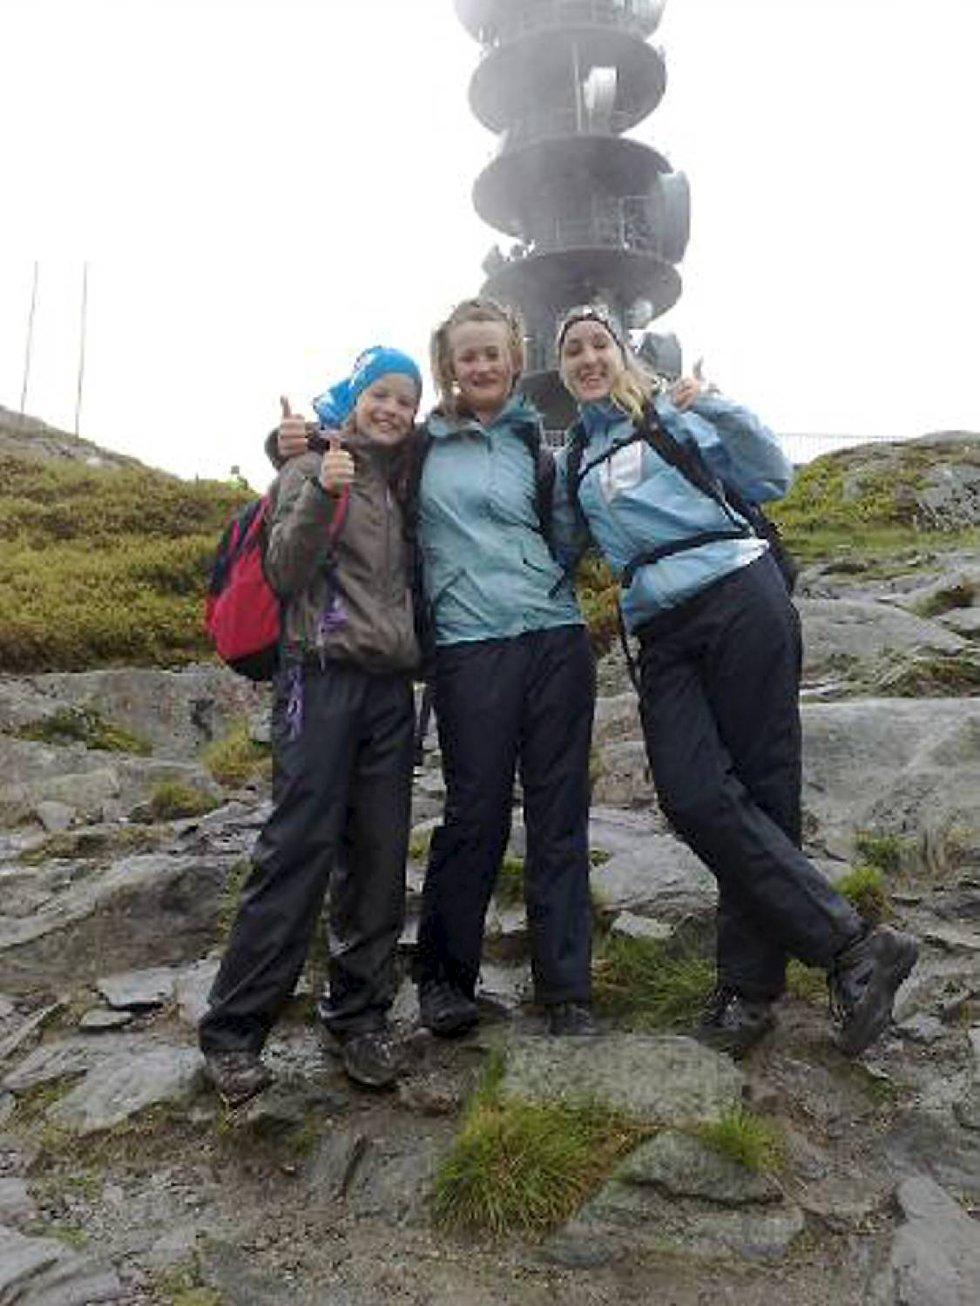 Sara og Hanna Svennevik og Mariann Krossøy på Ulriken. Går 4 fjellsturen:-) (Foto: Leserbilde)